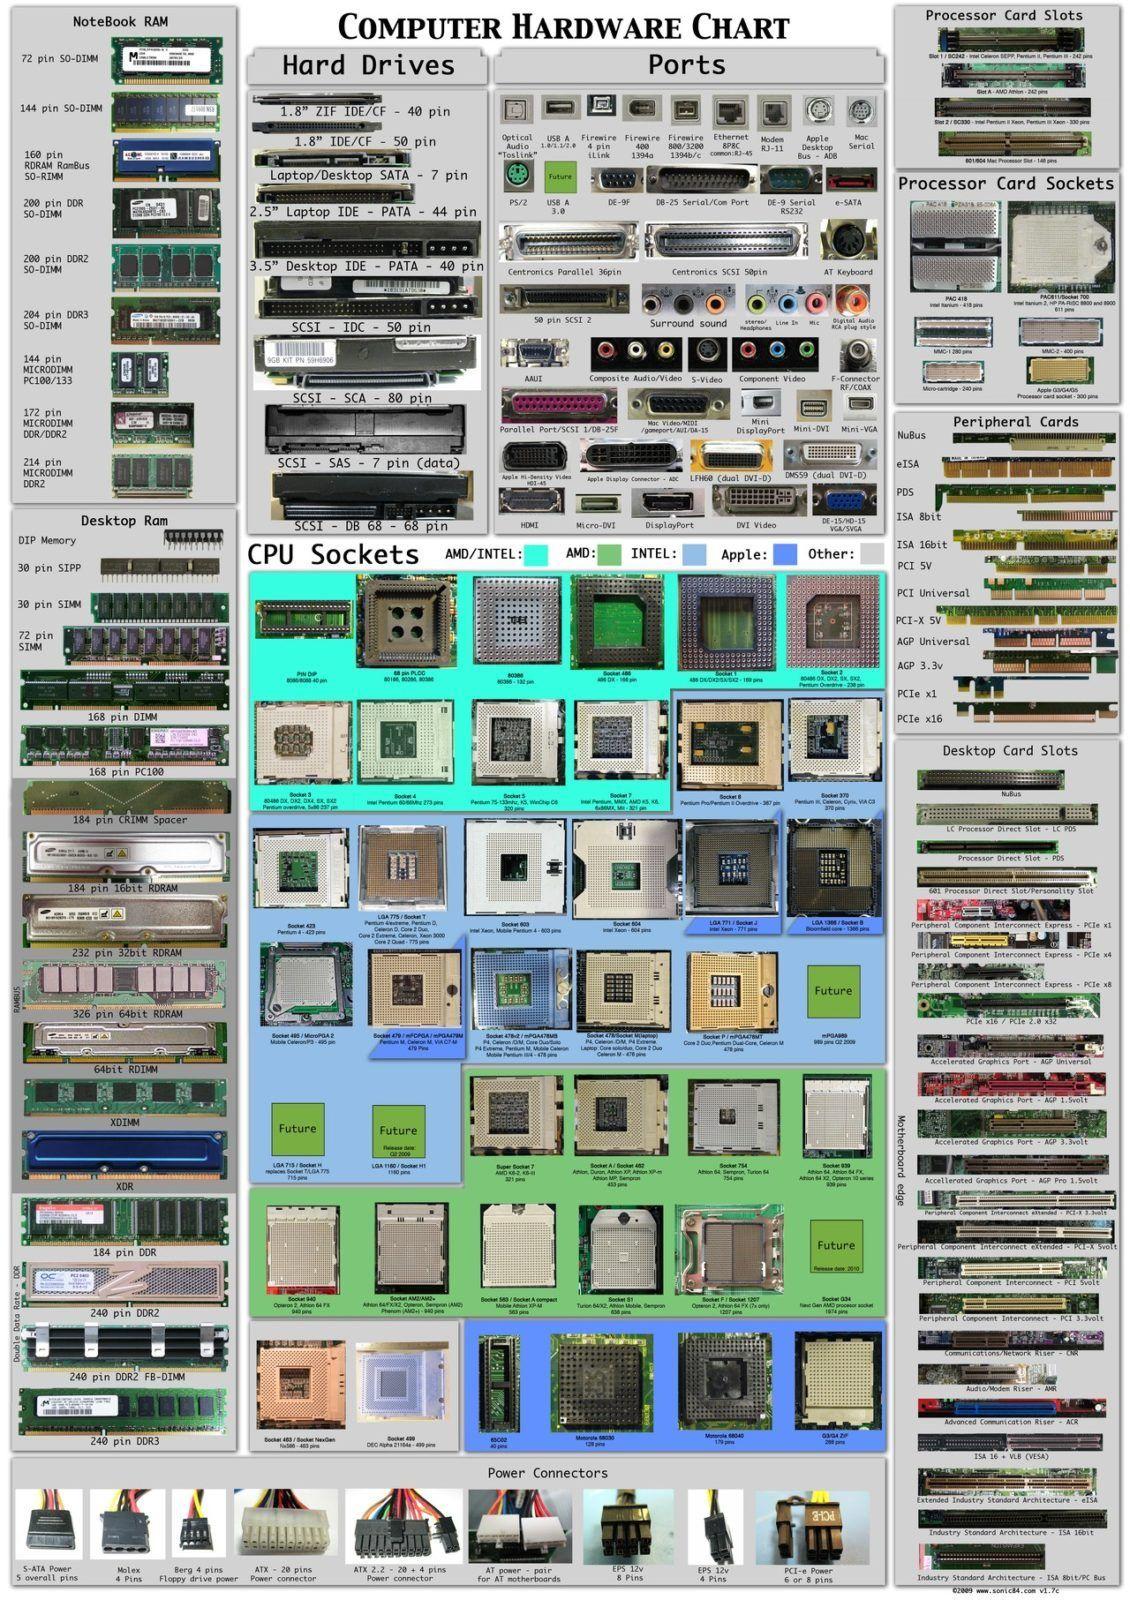 Все разъемы компьютера CPU HDD порты память блок питания🔴 Все разъемы компьютера CPU HDD порты память блок питания